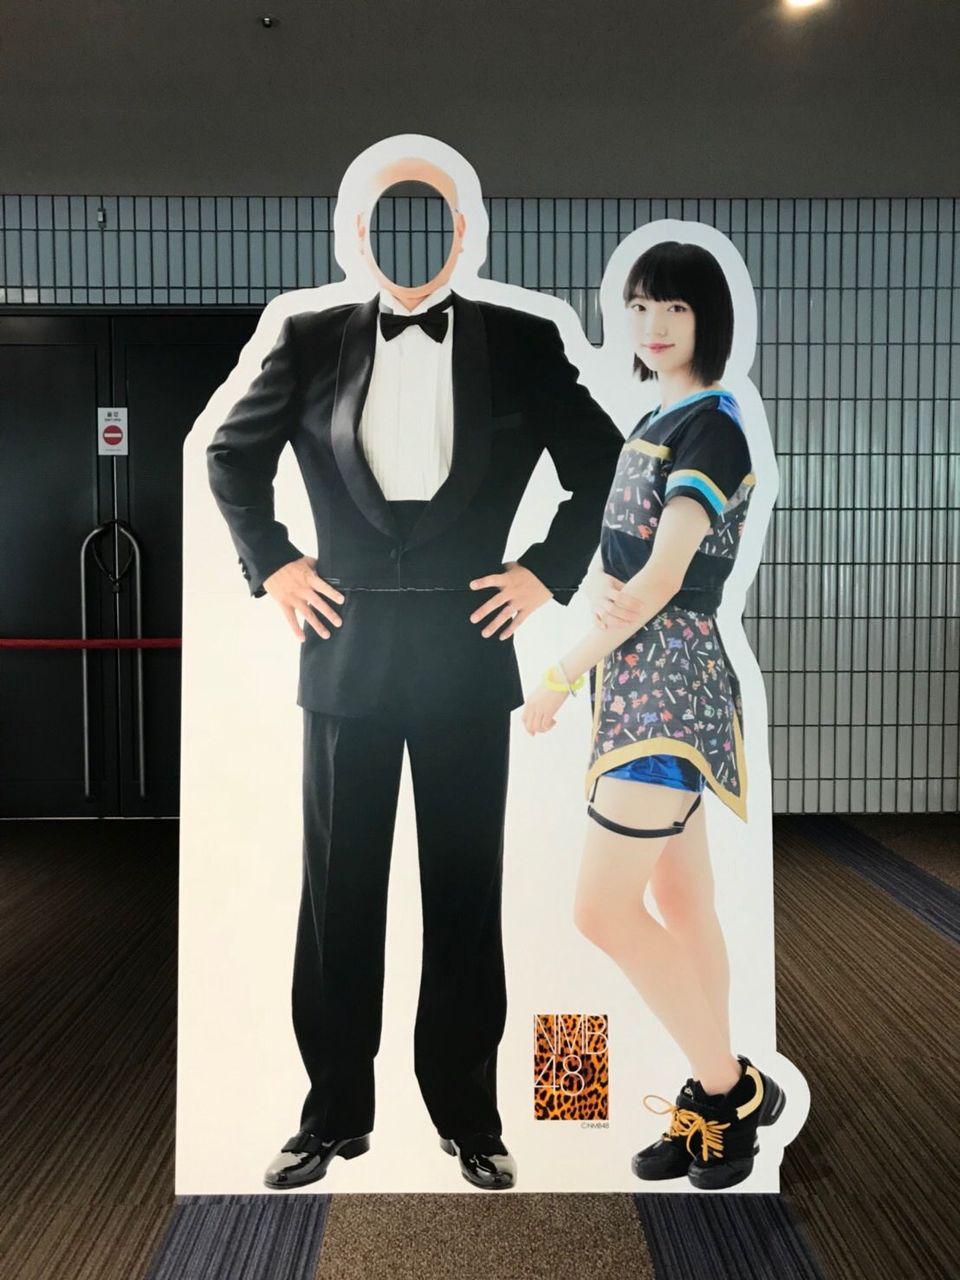 【実況・セットリスト】NMB48アリーナツアー2017@横浜アリーナ まとめ